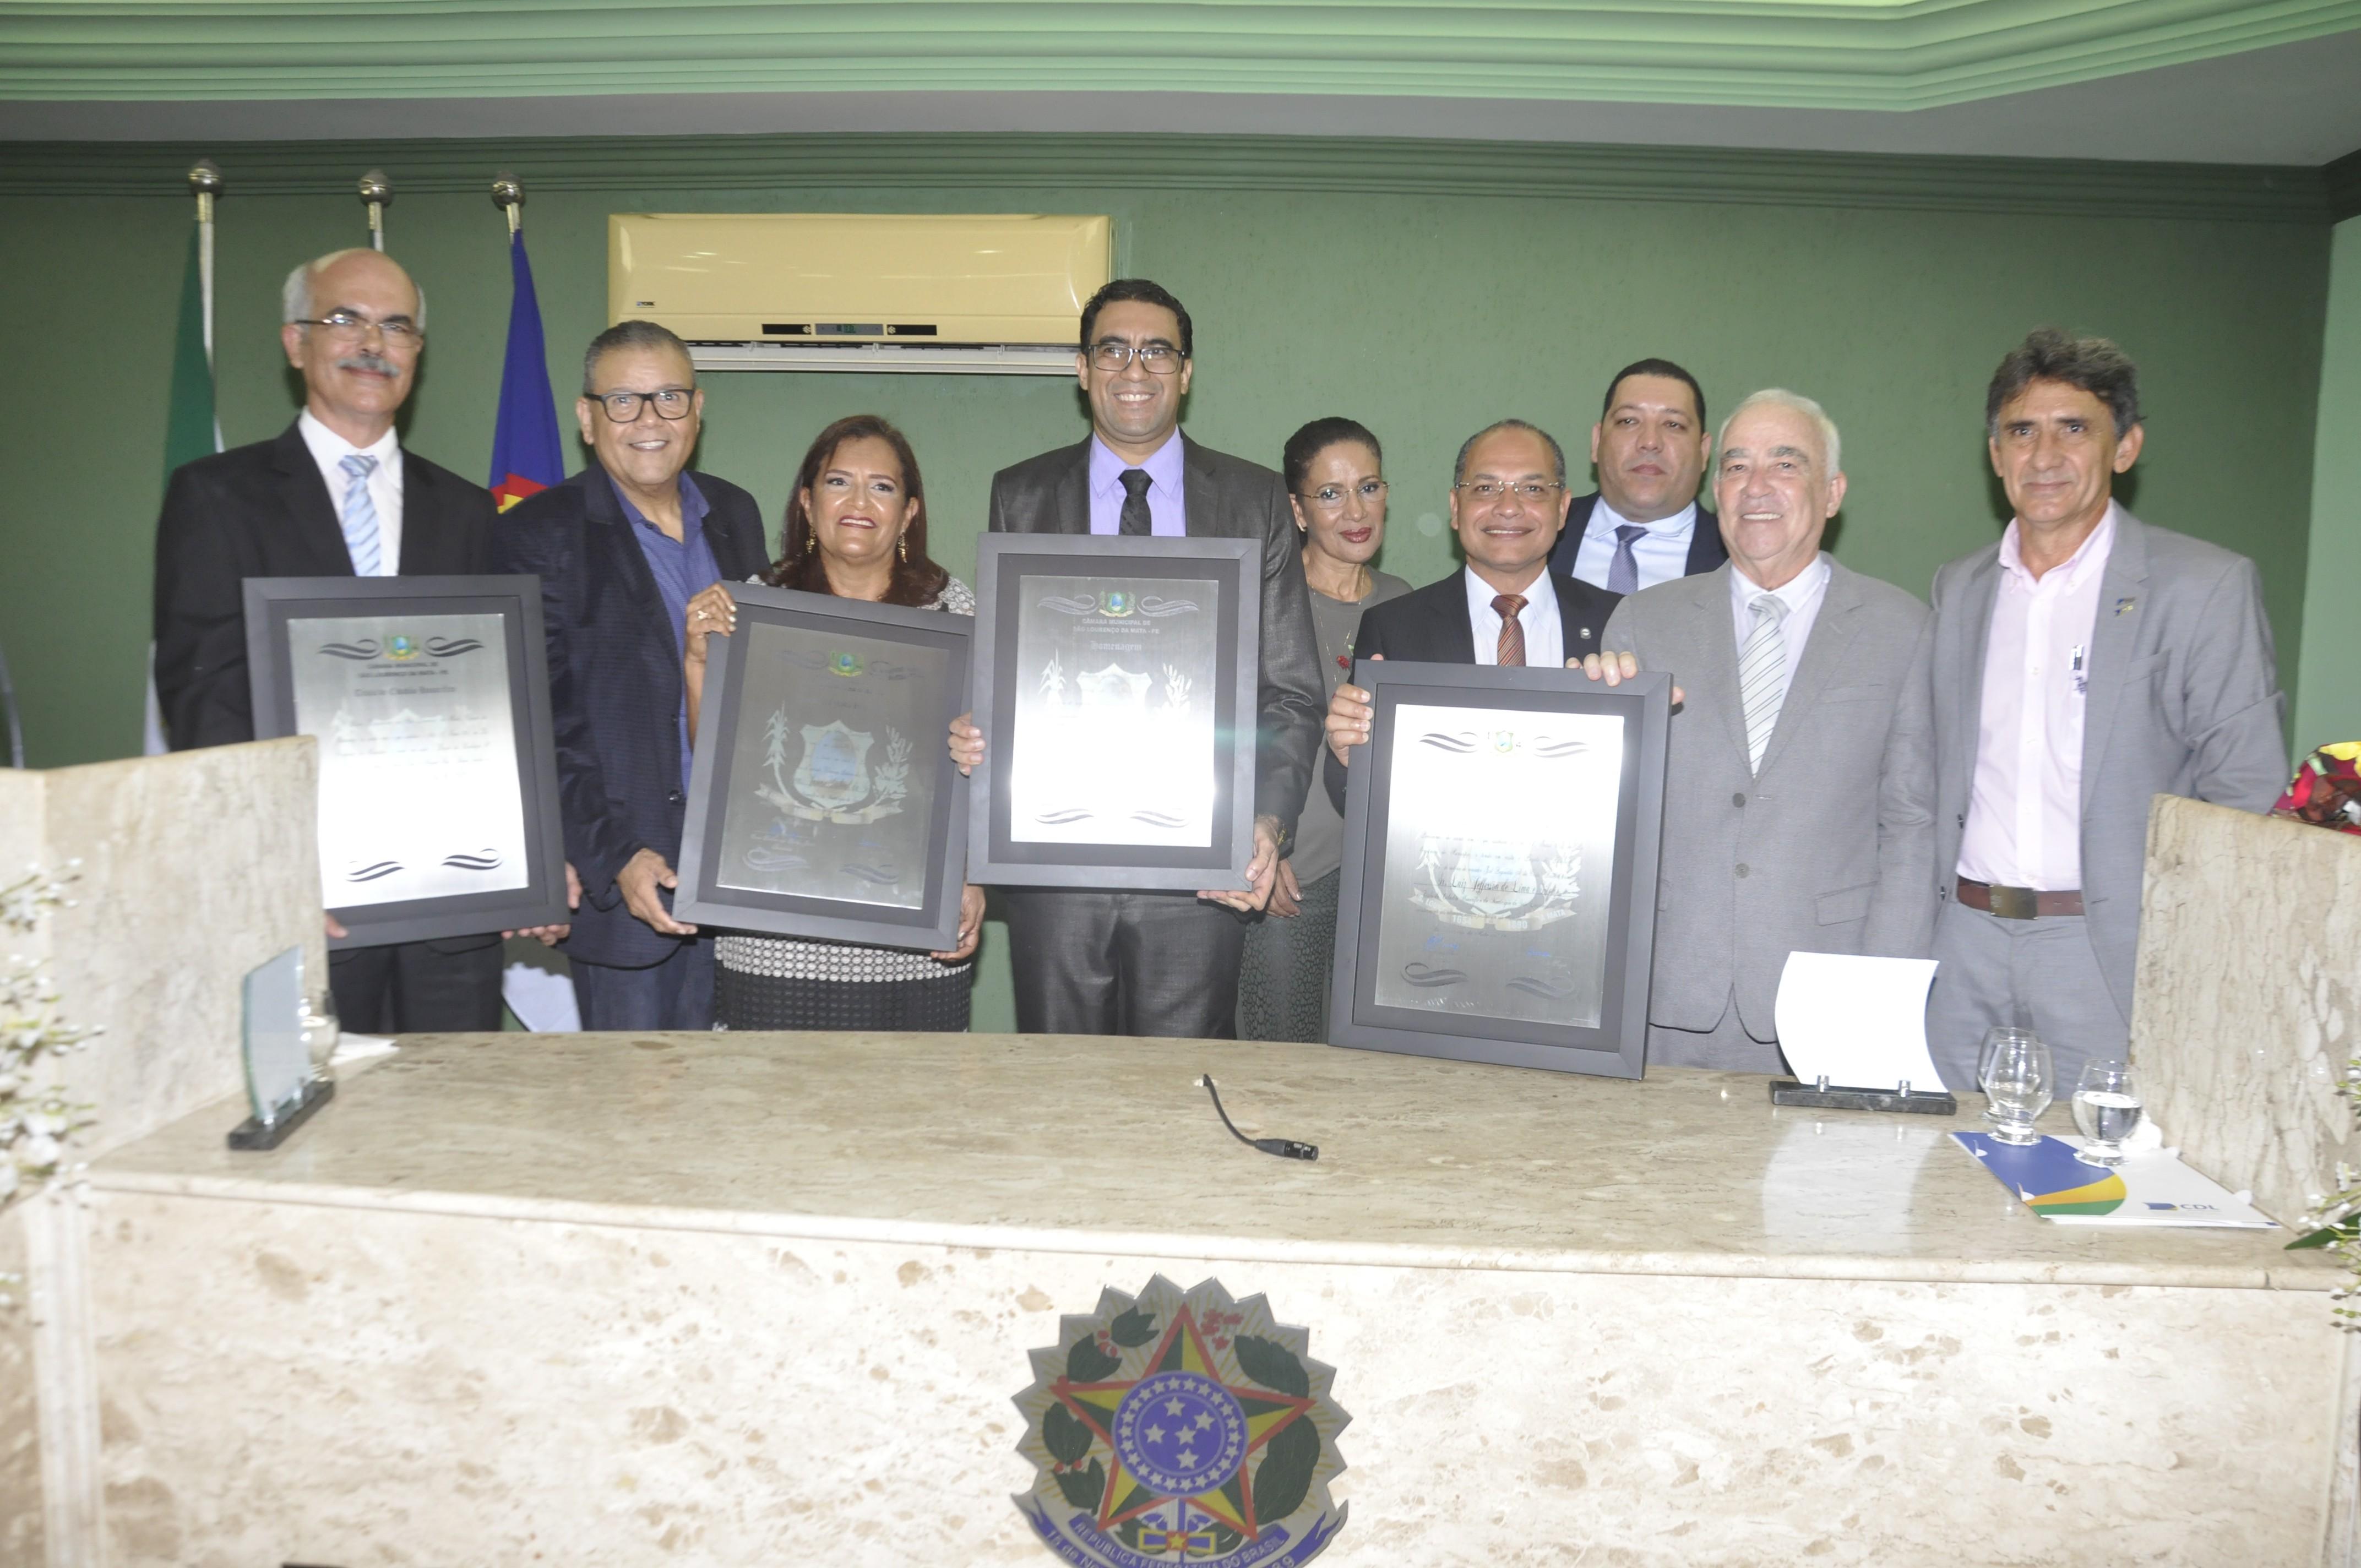 Representantes da CDL São Lourenço da Mata recebem Título de Cidadão Honorífico